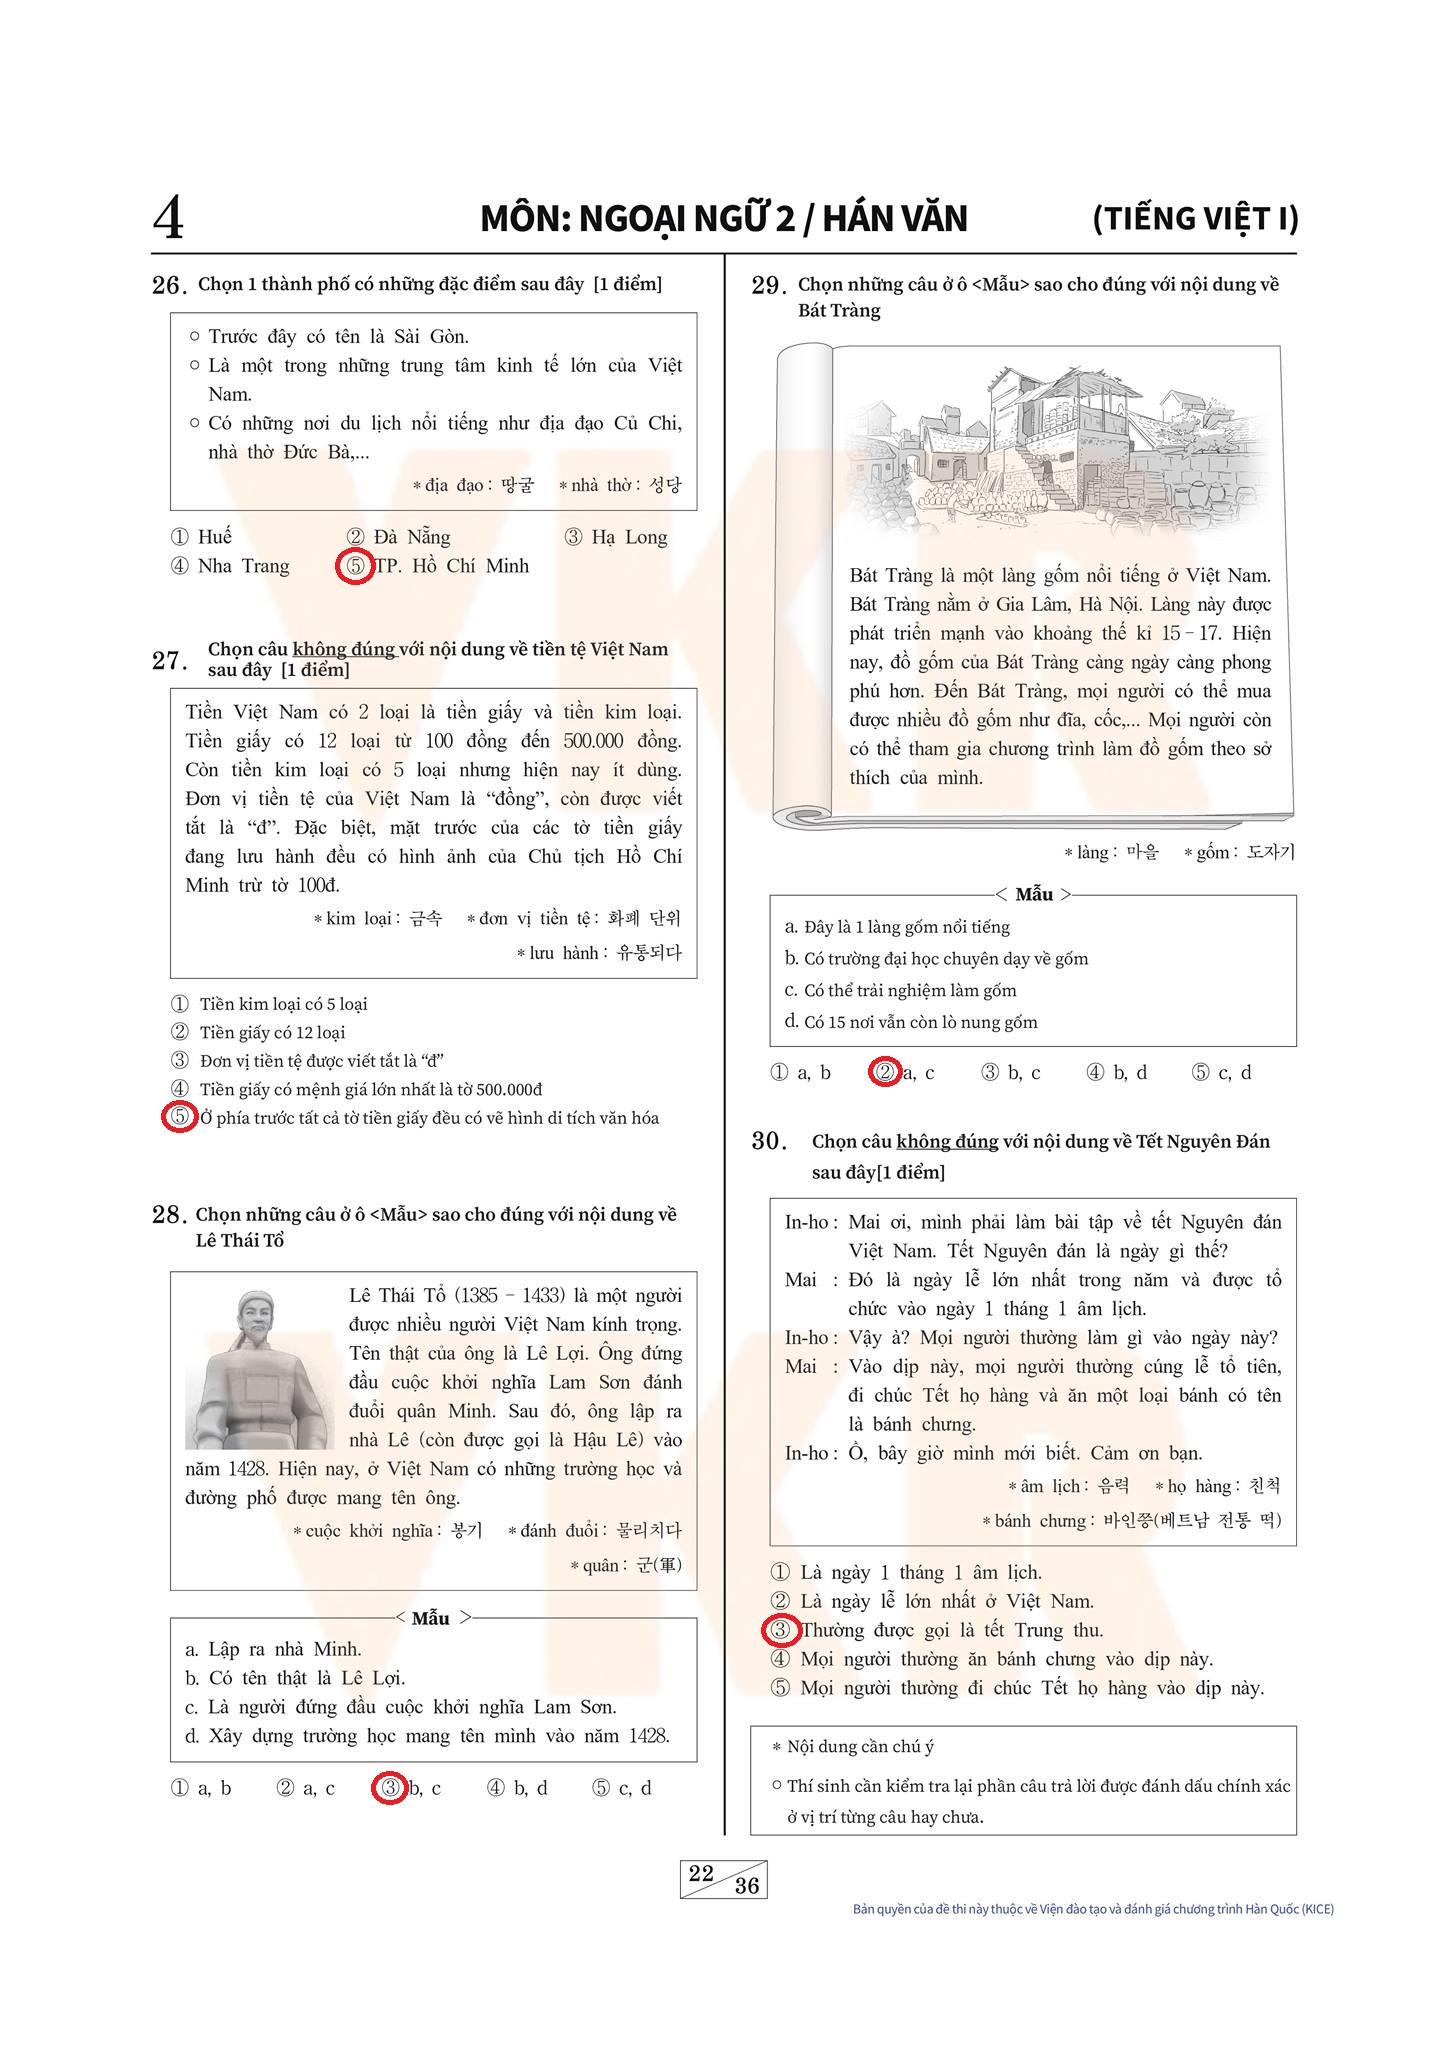 Đáp án môn tiếng Việt trong kỳ thi Đại học Hàn Quốc: Lắt léo vô cùng - Ảnh 5.